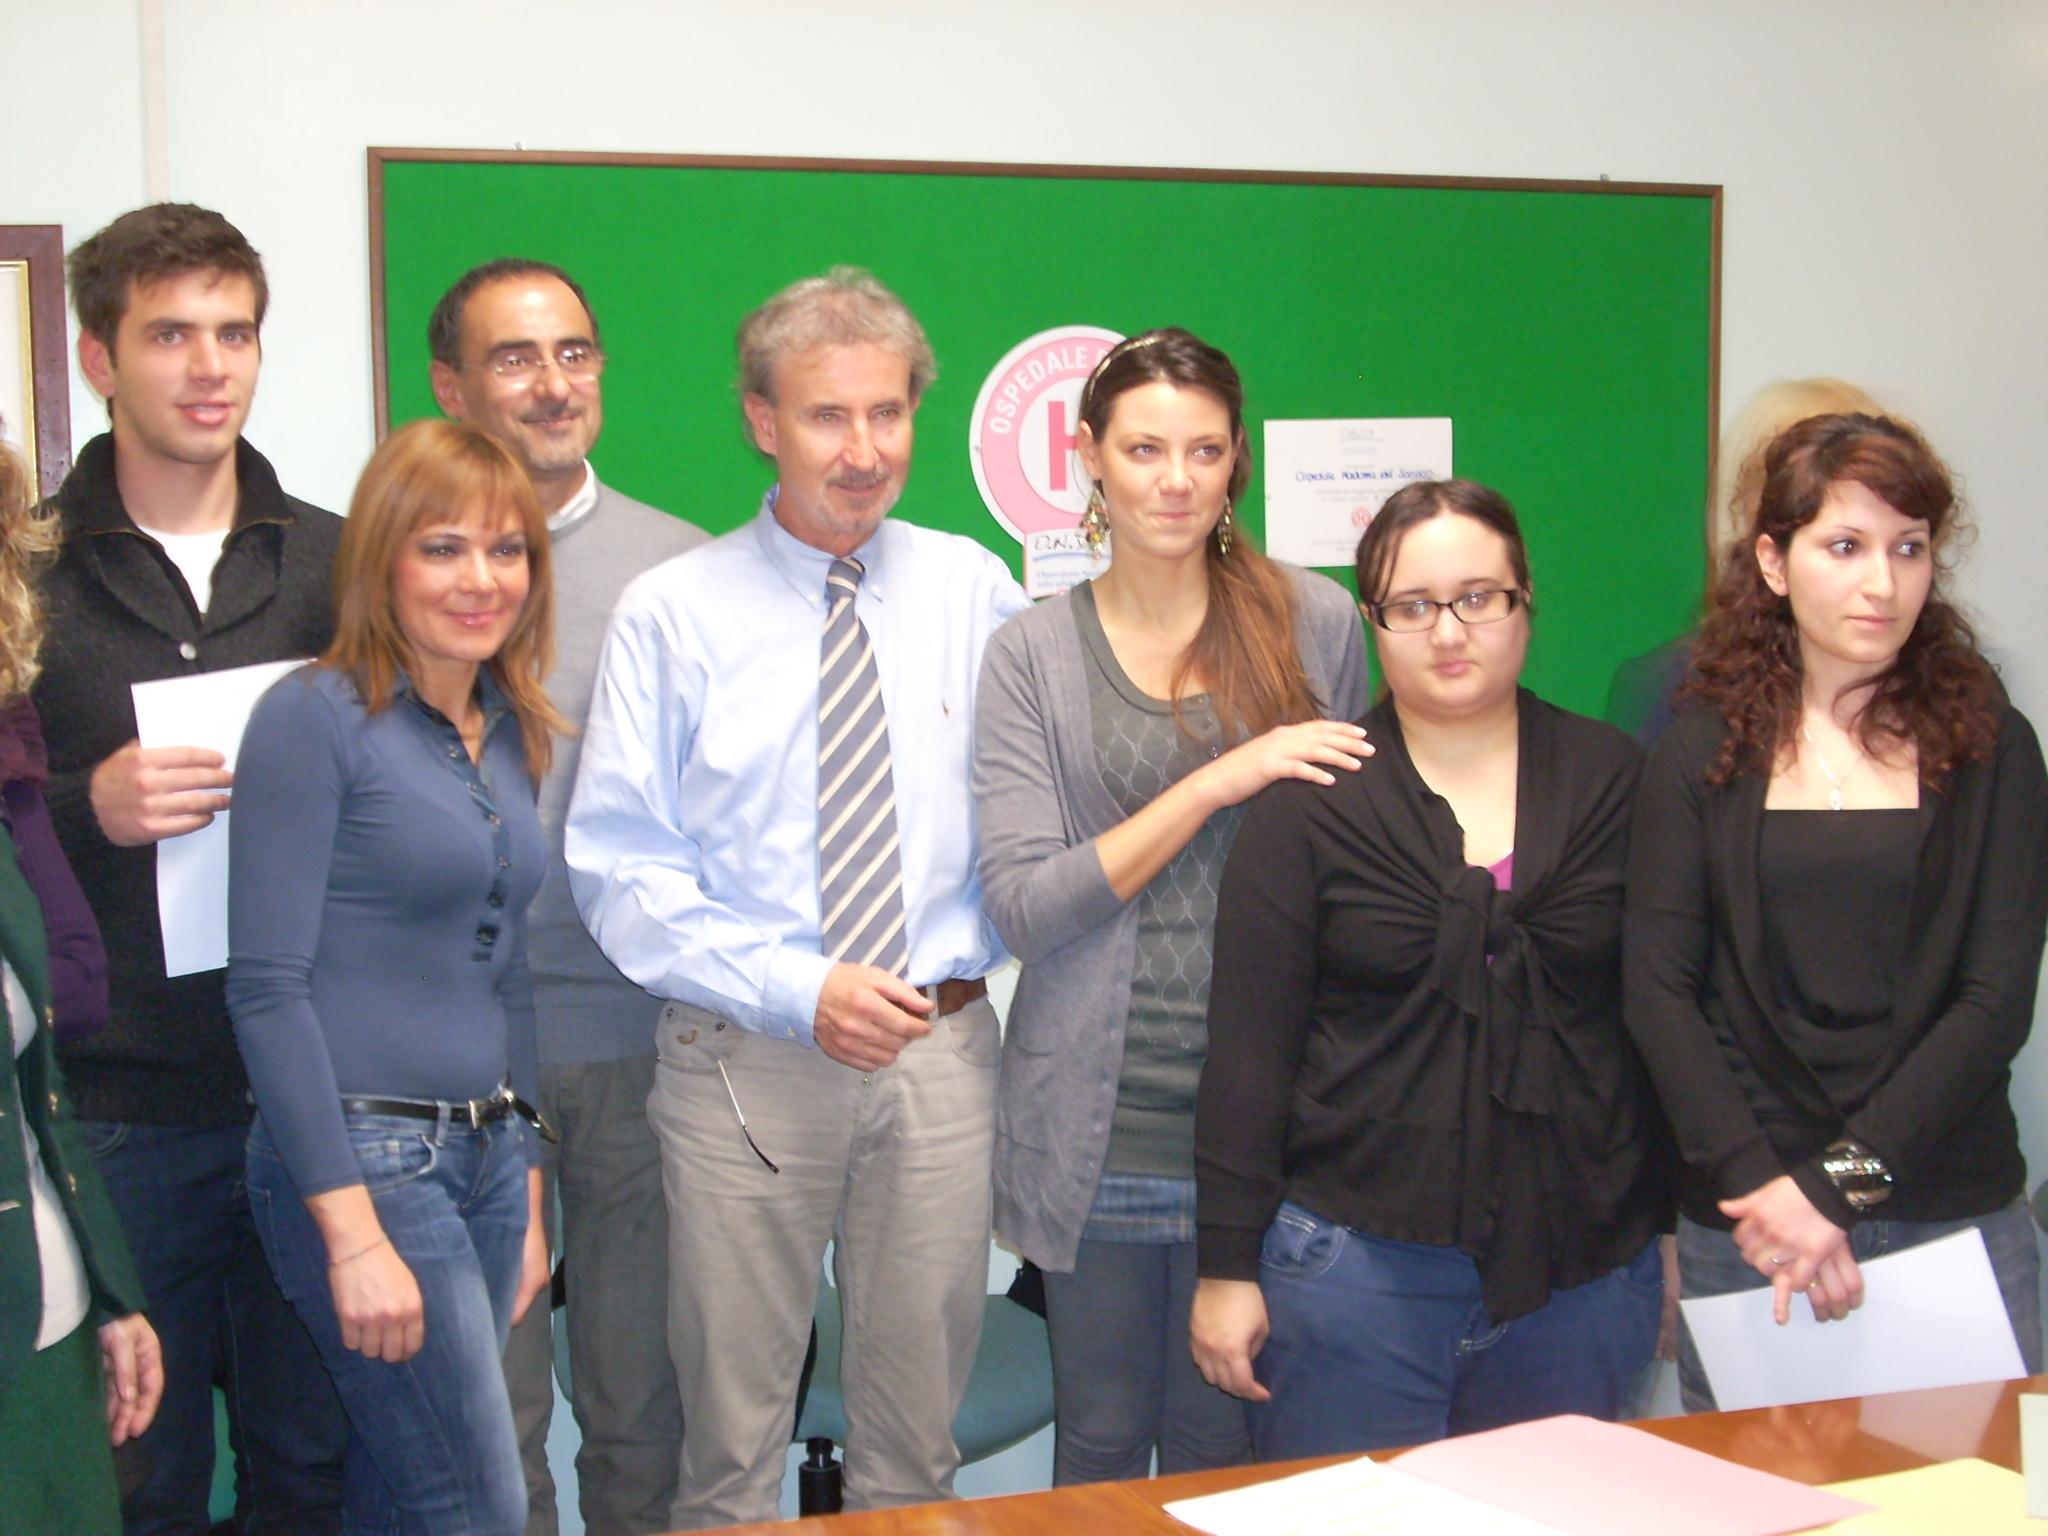 Servizio Civile, i quattro giovani con il direttore Novelli